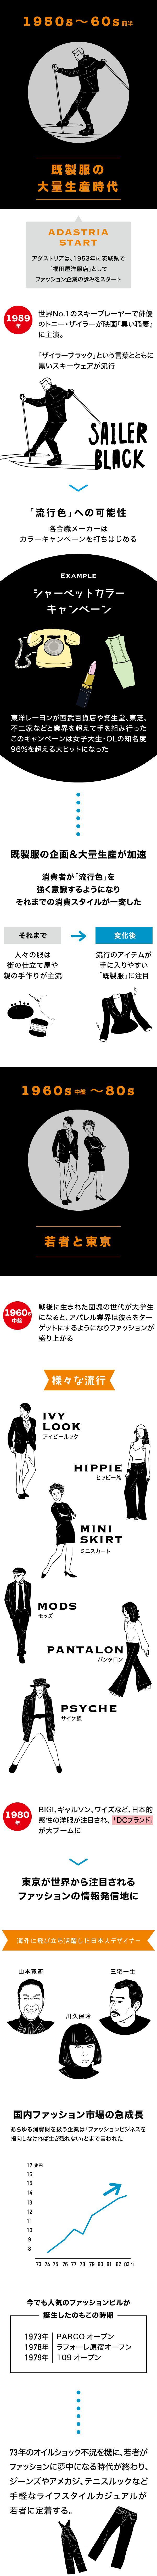 【インフォグラフィック】ファッション✕テクノロジーが切り開く未来